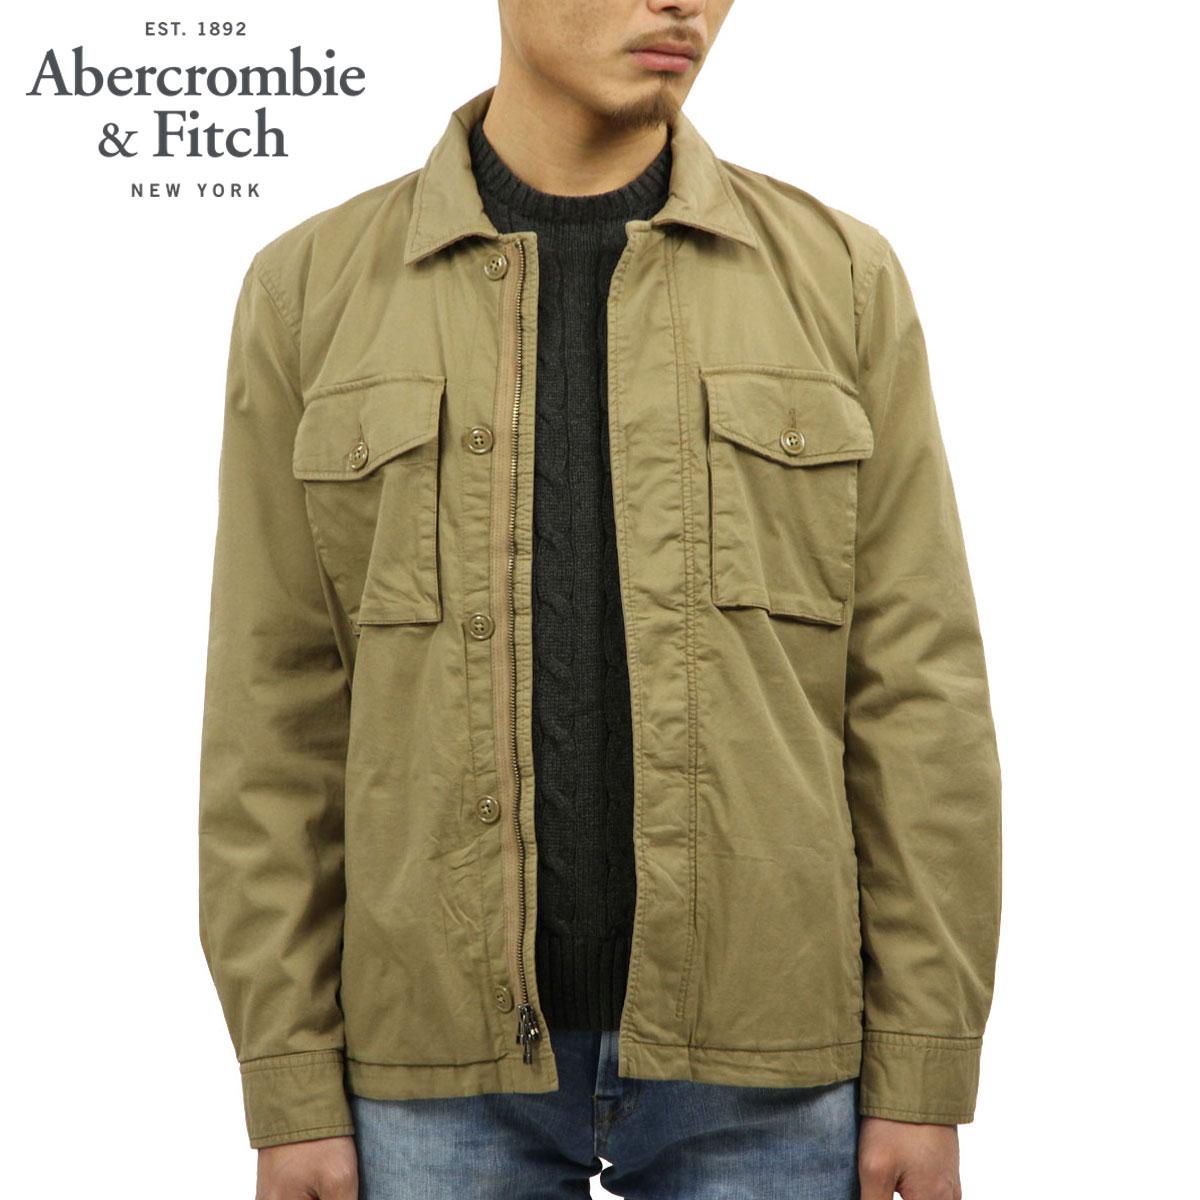 アバクロ Abercrombie&Fitch 正規品 メンズ シャツジャケット GARMENT DYE ZIP-UP SHIRT JACKET 132-328-1197-400